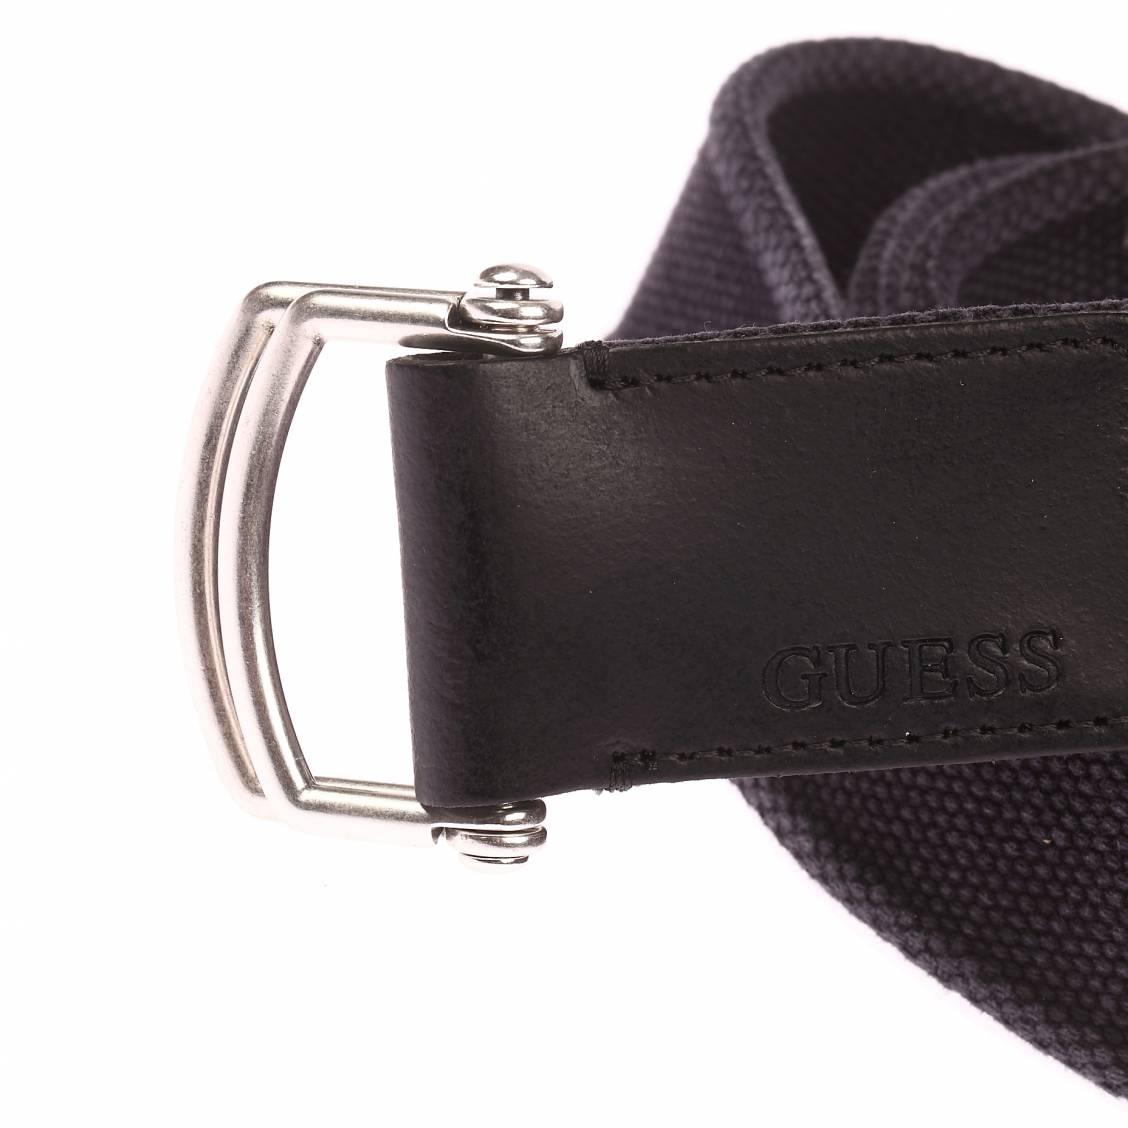 ceinture guess en tissu noir delave a double boucle coulissante